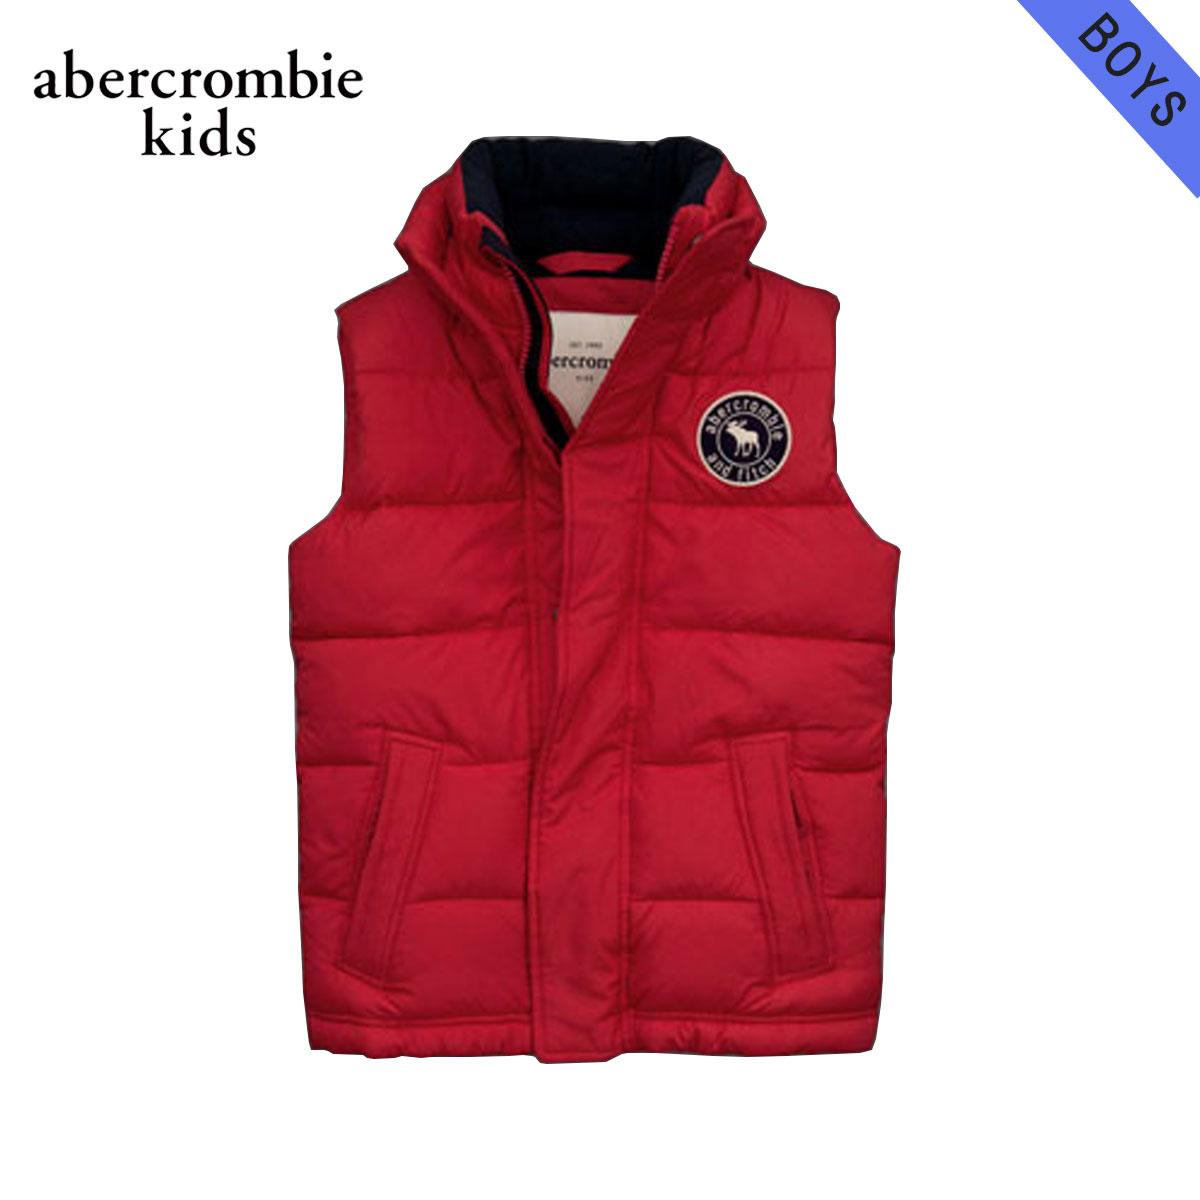 【販売期間 11/28 15:00~12/11 09:59】 アバクロキッズ AbercrombieKids 正規品 子供服 ボーイズ ベスト puffer vest RED D20S30